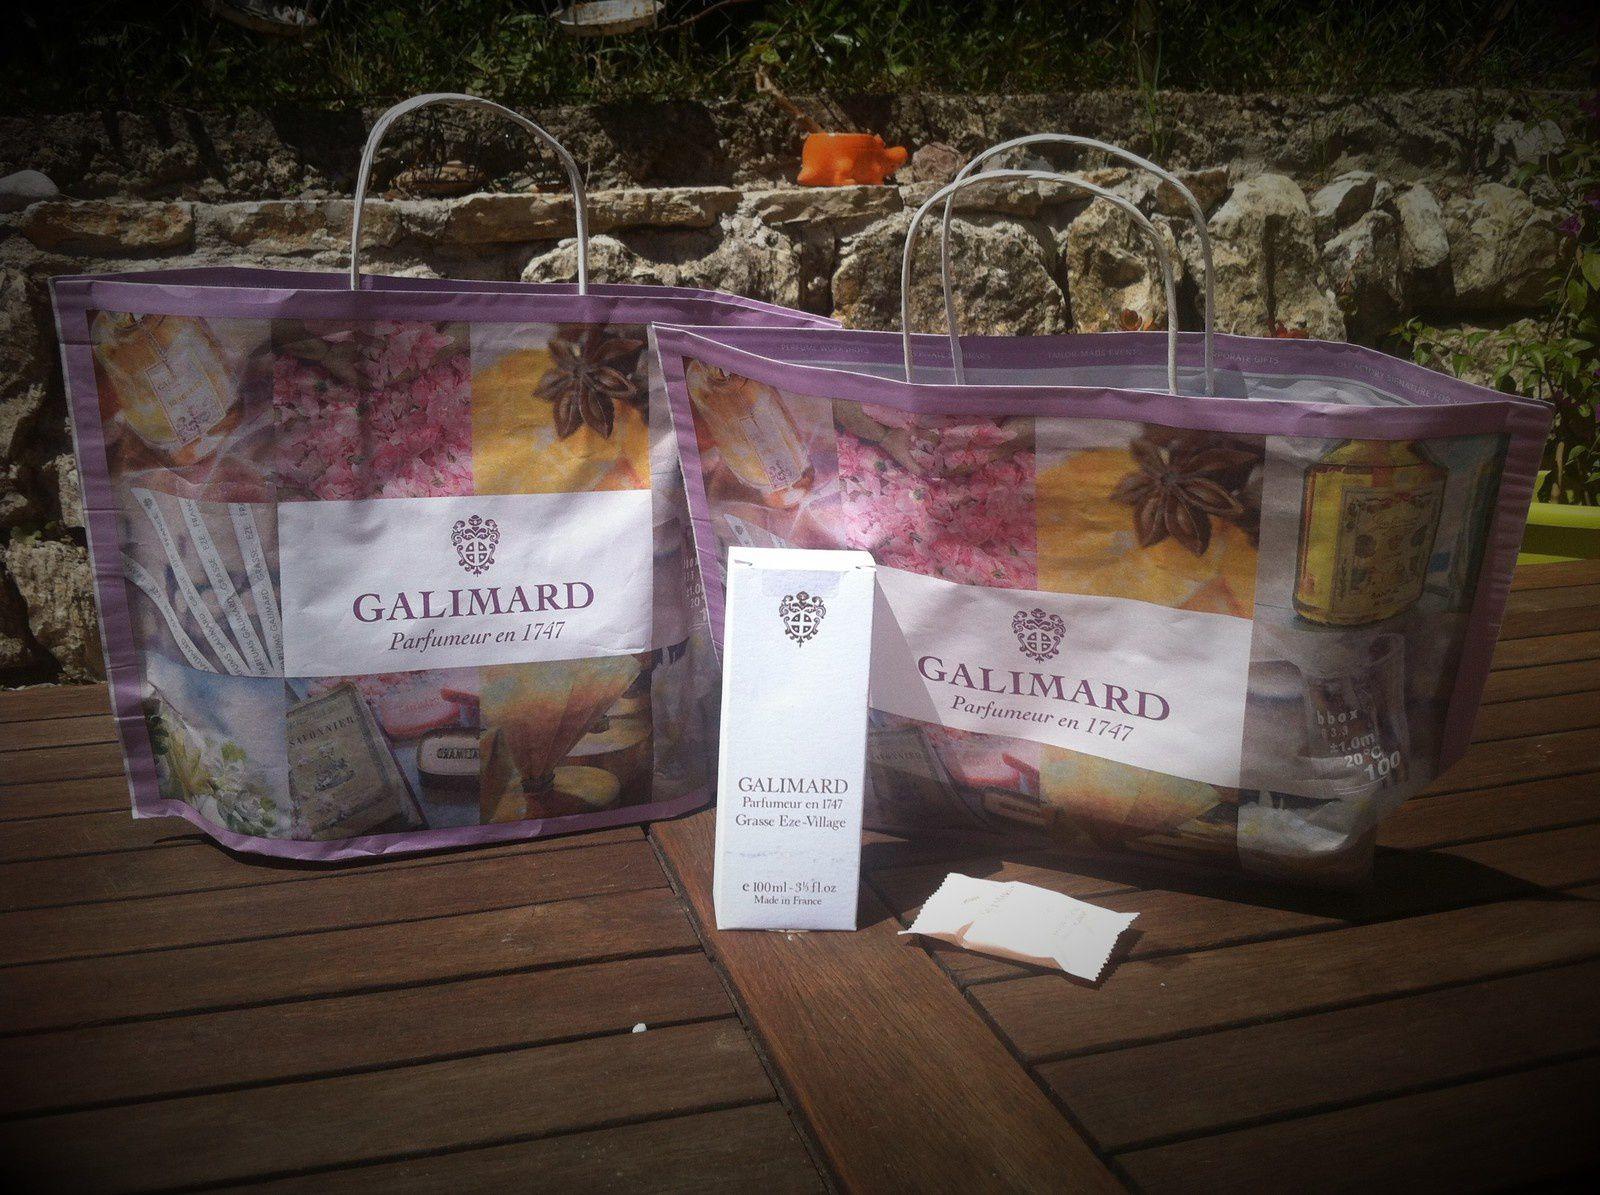 Sortie sympa : Inauguration du Jardin Provençale de la parfumerie Galimard à Grasse le 29.04.17